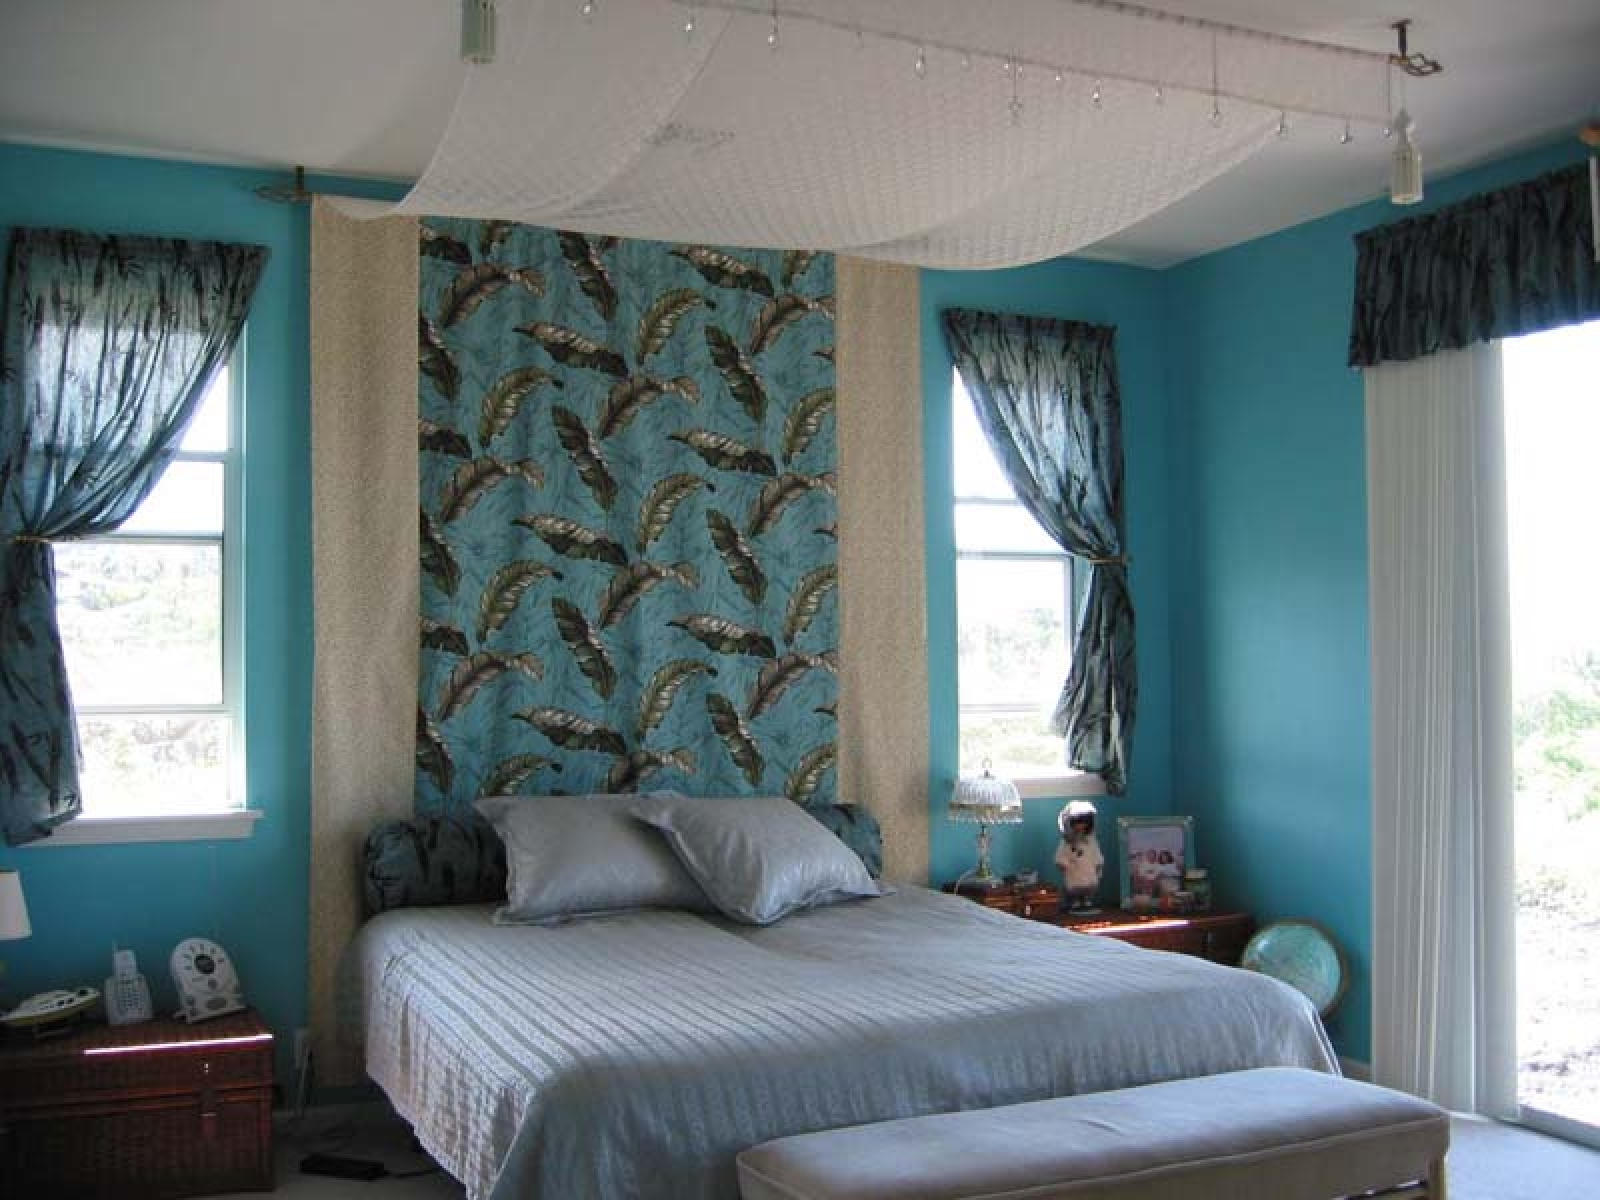 Как подобрать шторы в спальню: разновидности штор и их особенности (+53 фото)